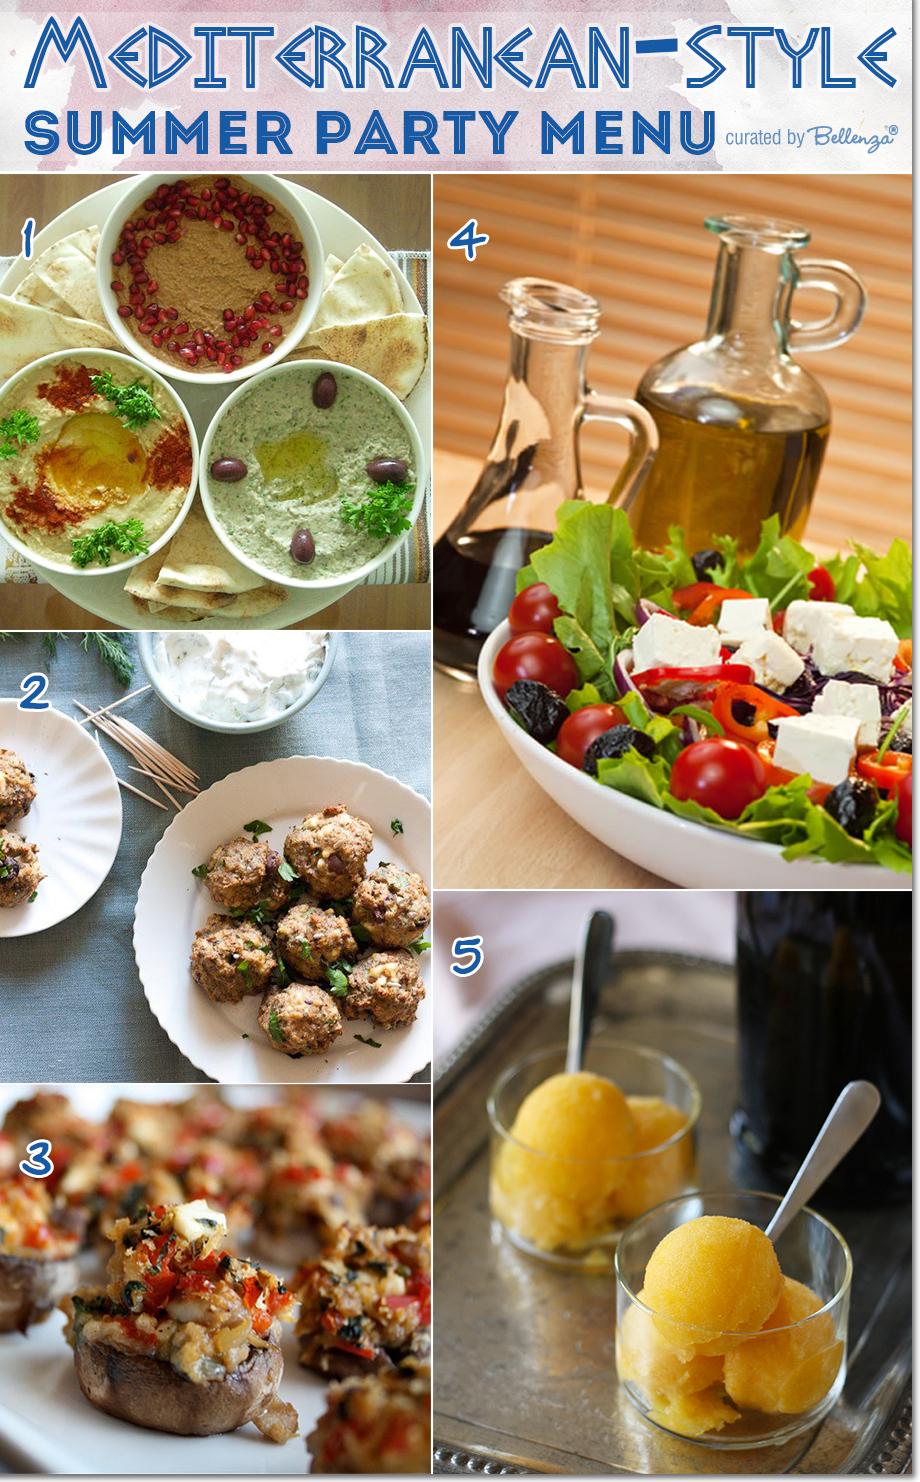 Mediterranean menu ideas from pasta to desserts